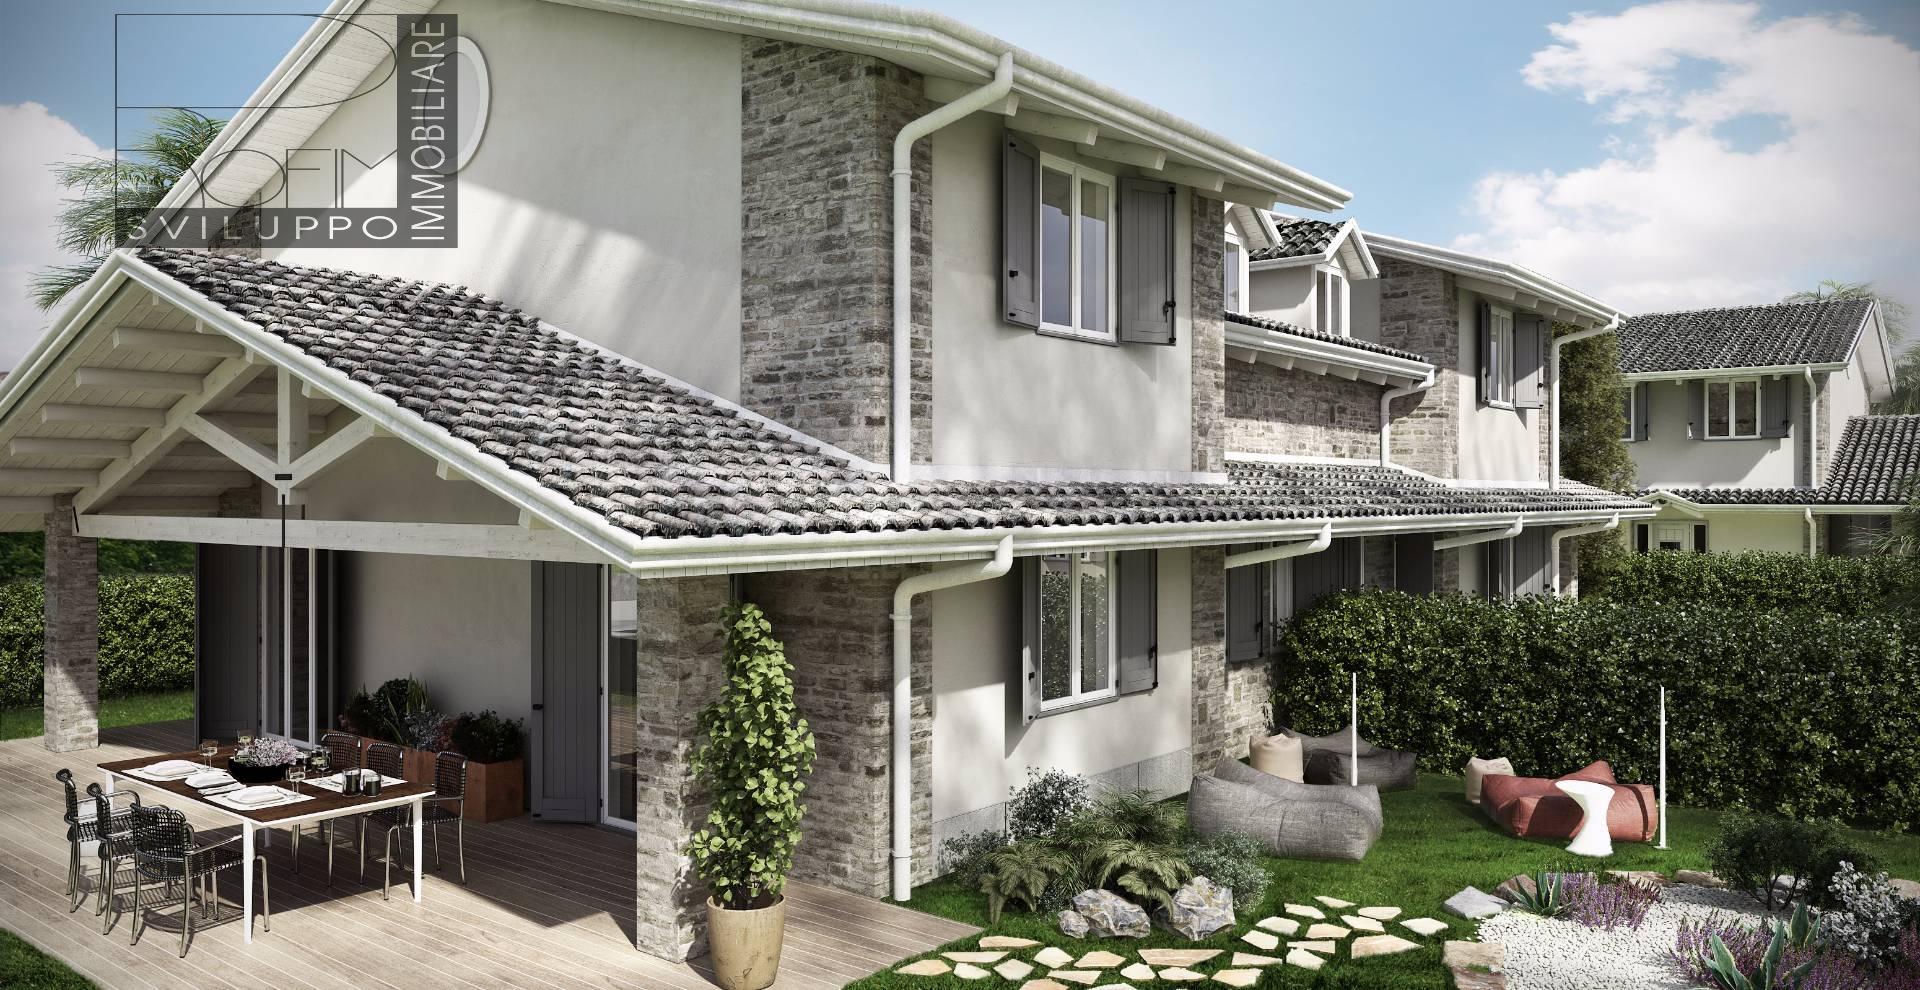 Villa bifamiliare spino d 39 adda vendita 192 mq for Mercatone dell arredamento spino d adda